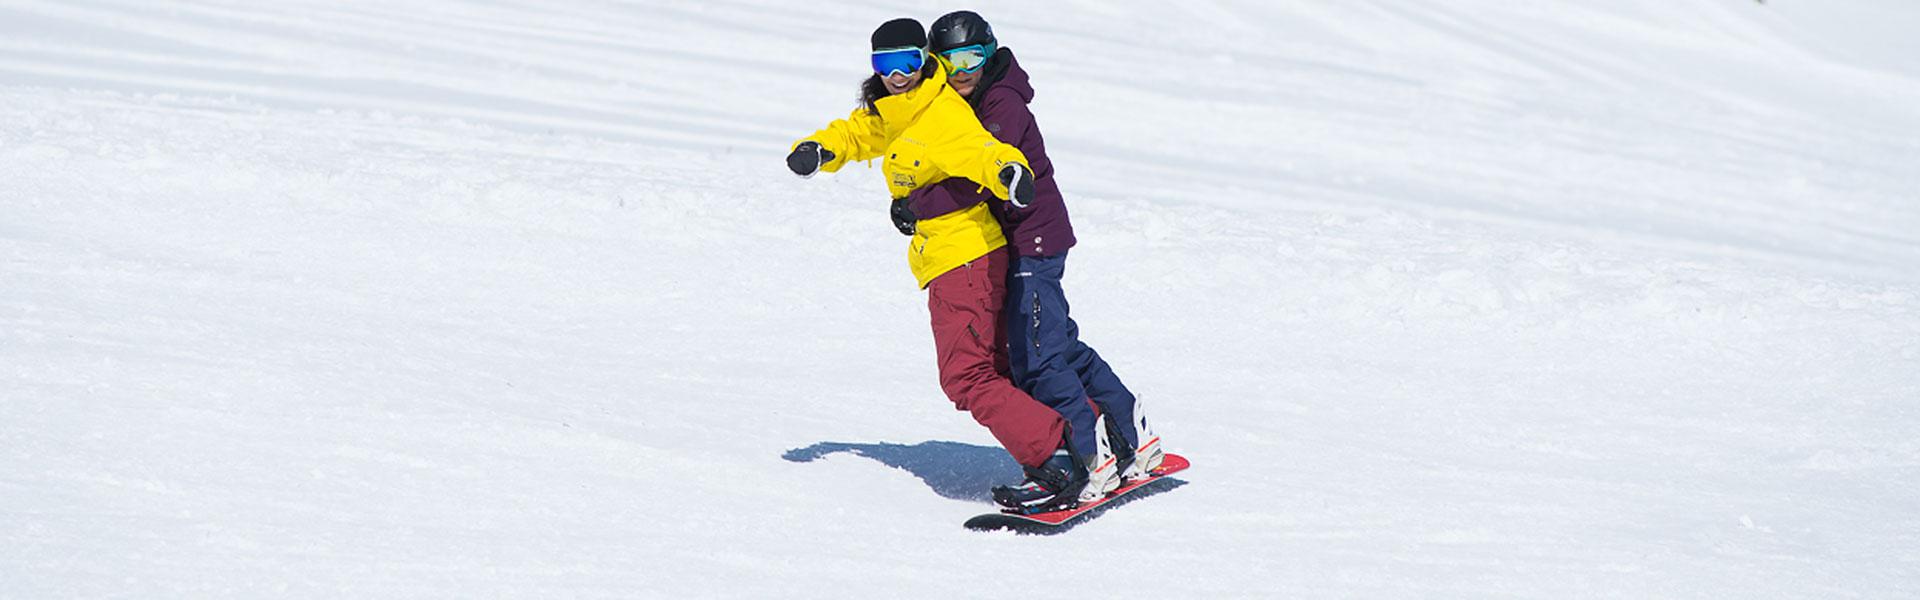 Tandem Snowboard